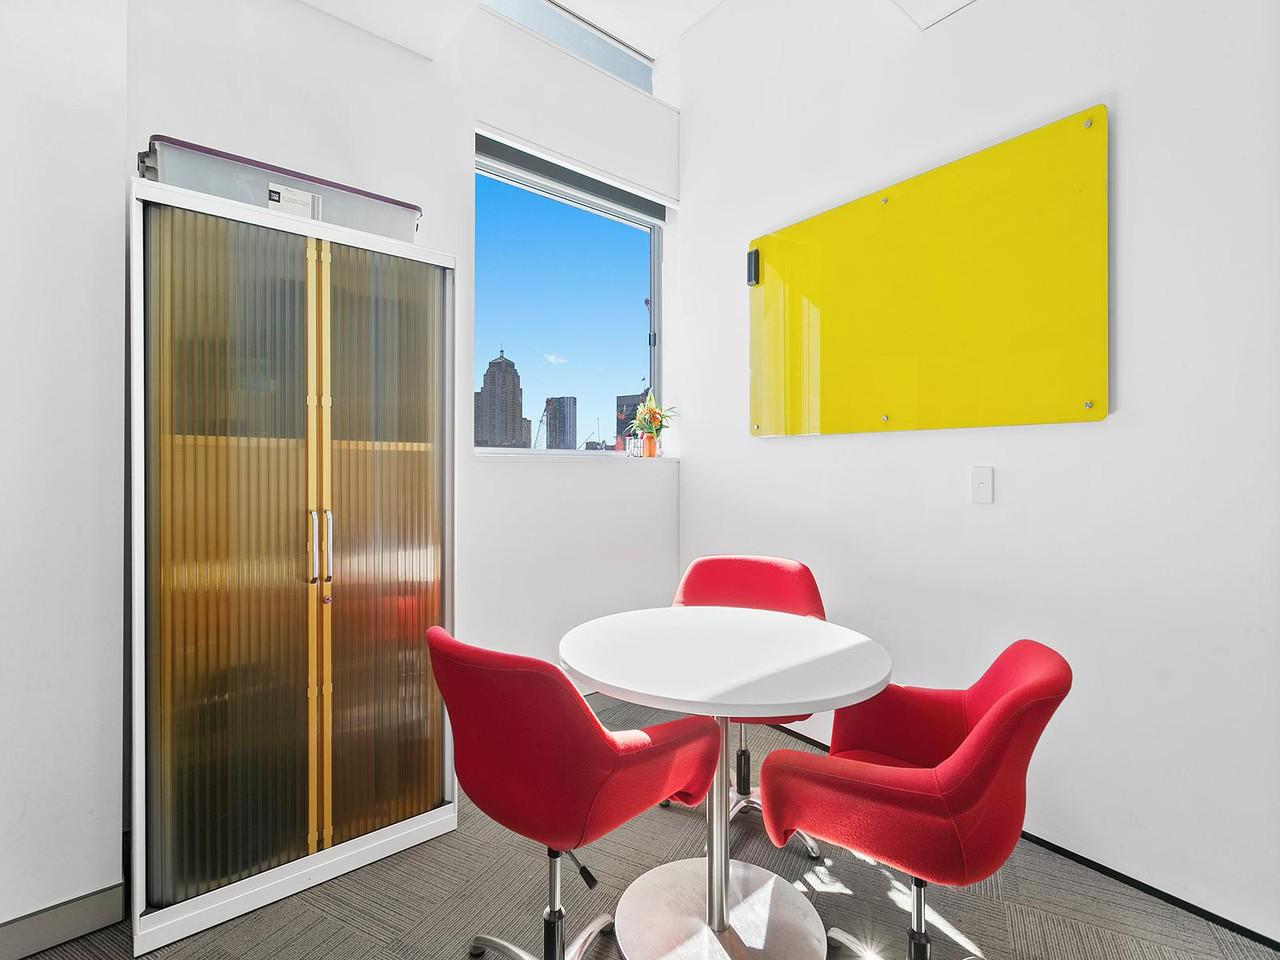 Sydney workshop spaces Meeting room 3 Person Meeting Room image 4